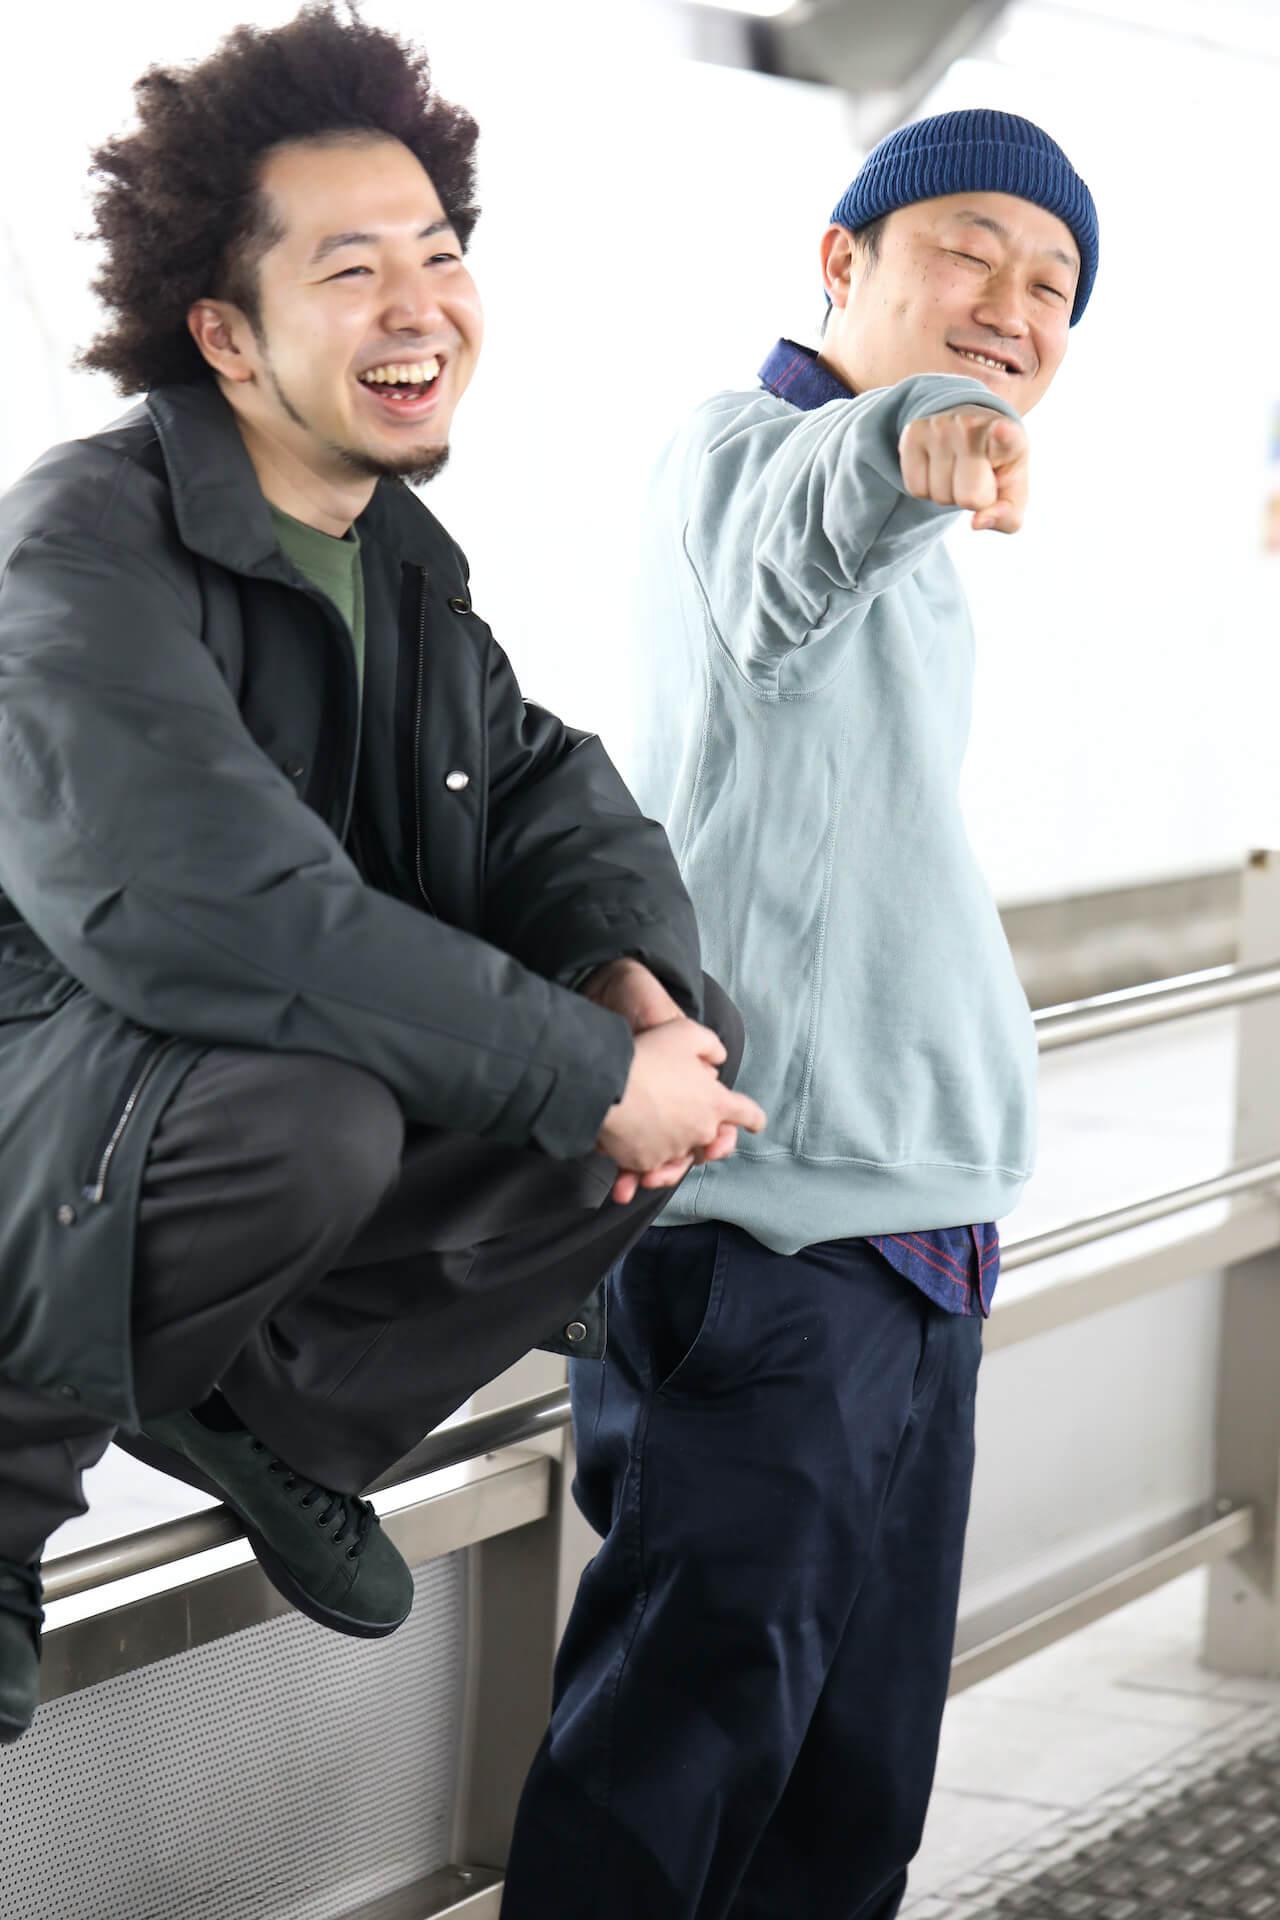 肯定のビートと苦悩のラップ──Aru-2 × CHAPAH、インタビュー interview210408-aru-2-chapah-beat-taxi-11